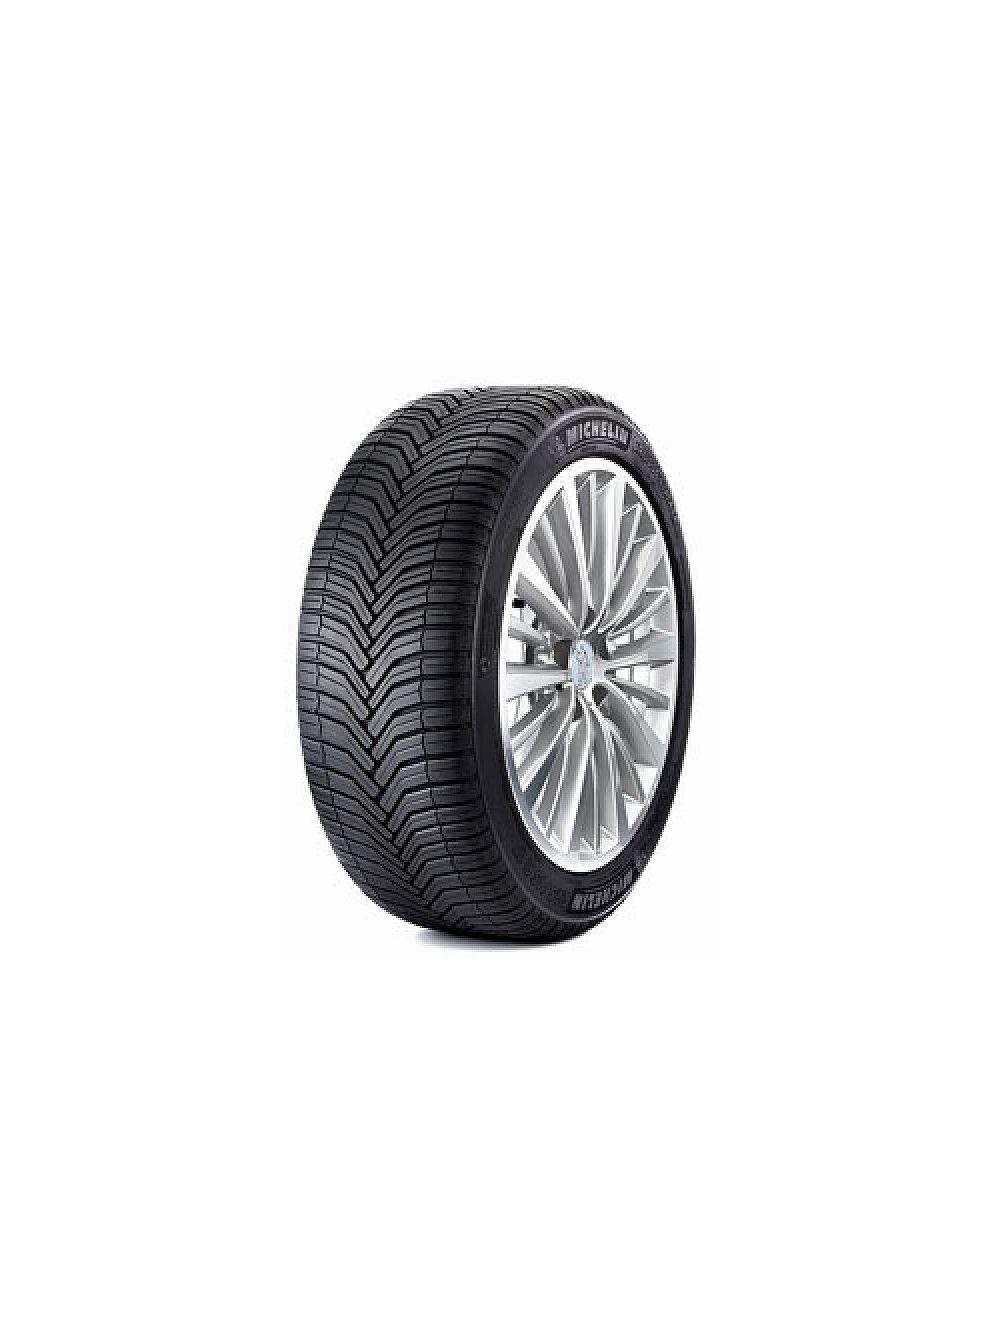 Michelin 205/60R16 V CrossClimate+ XL Négyévszakos gumi